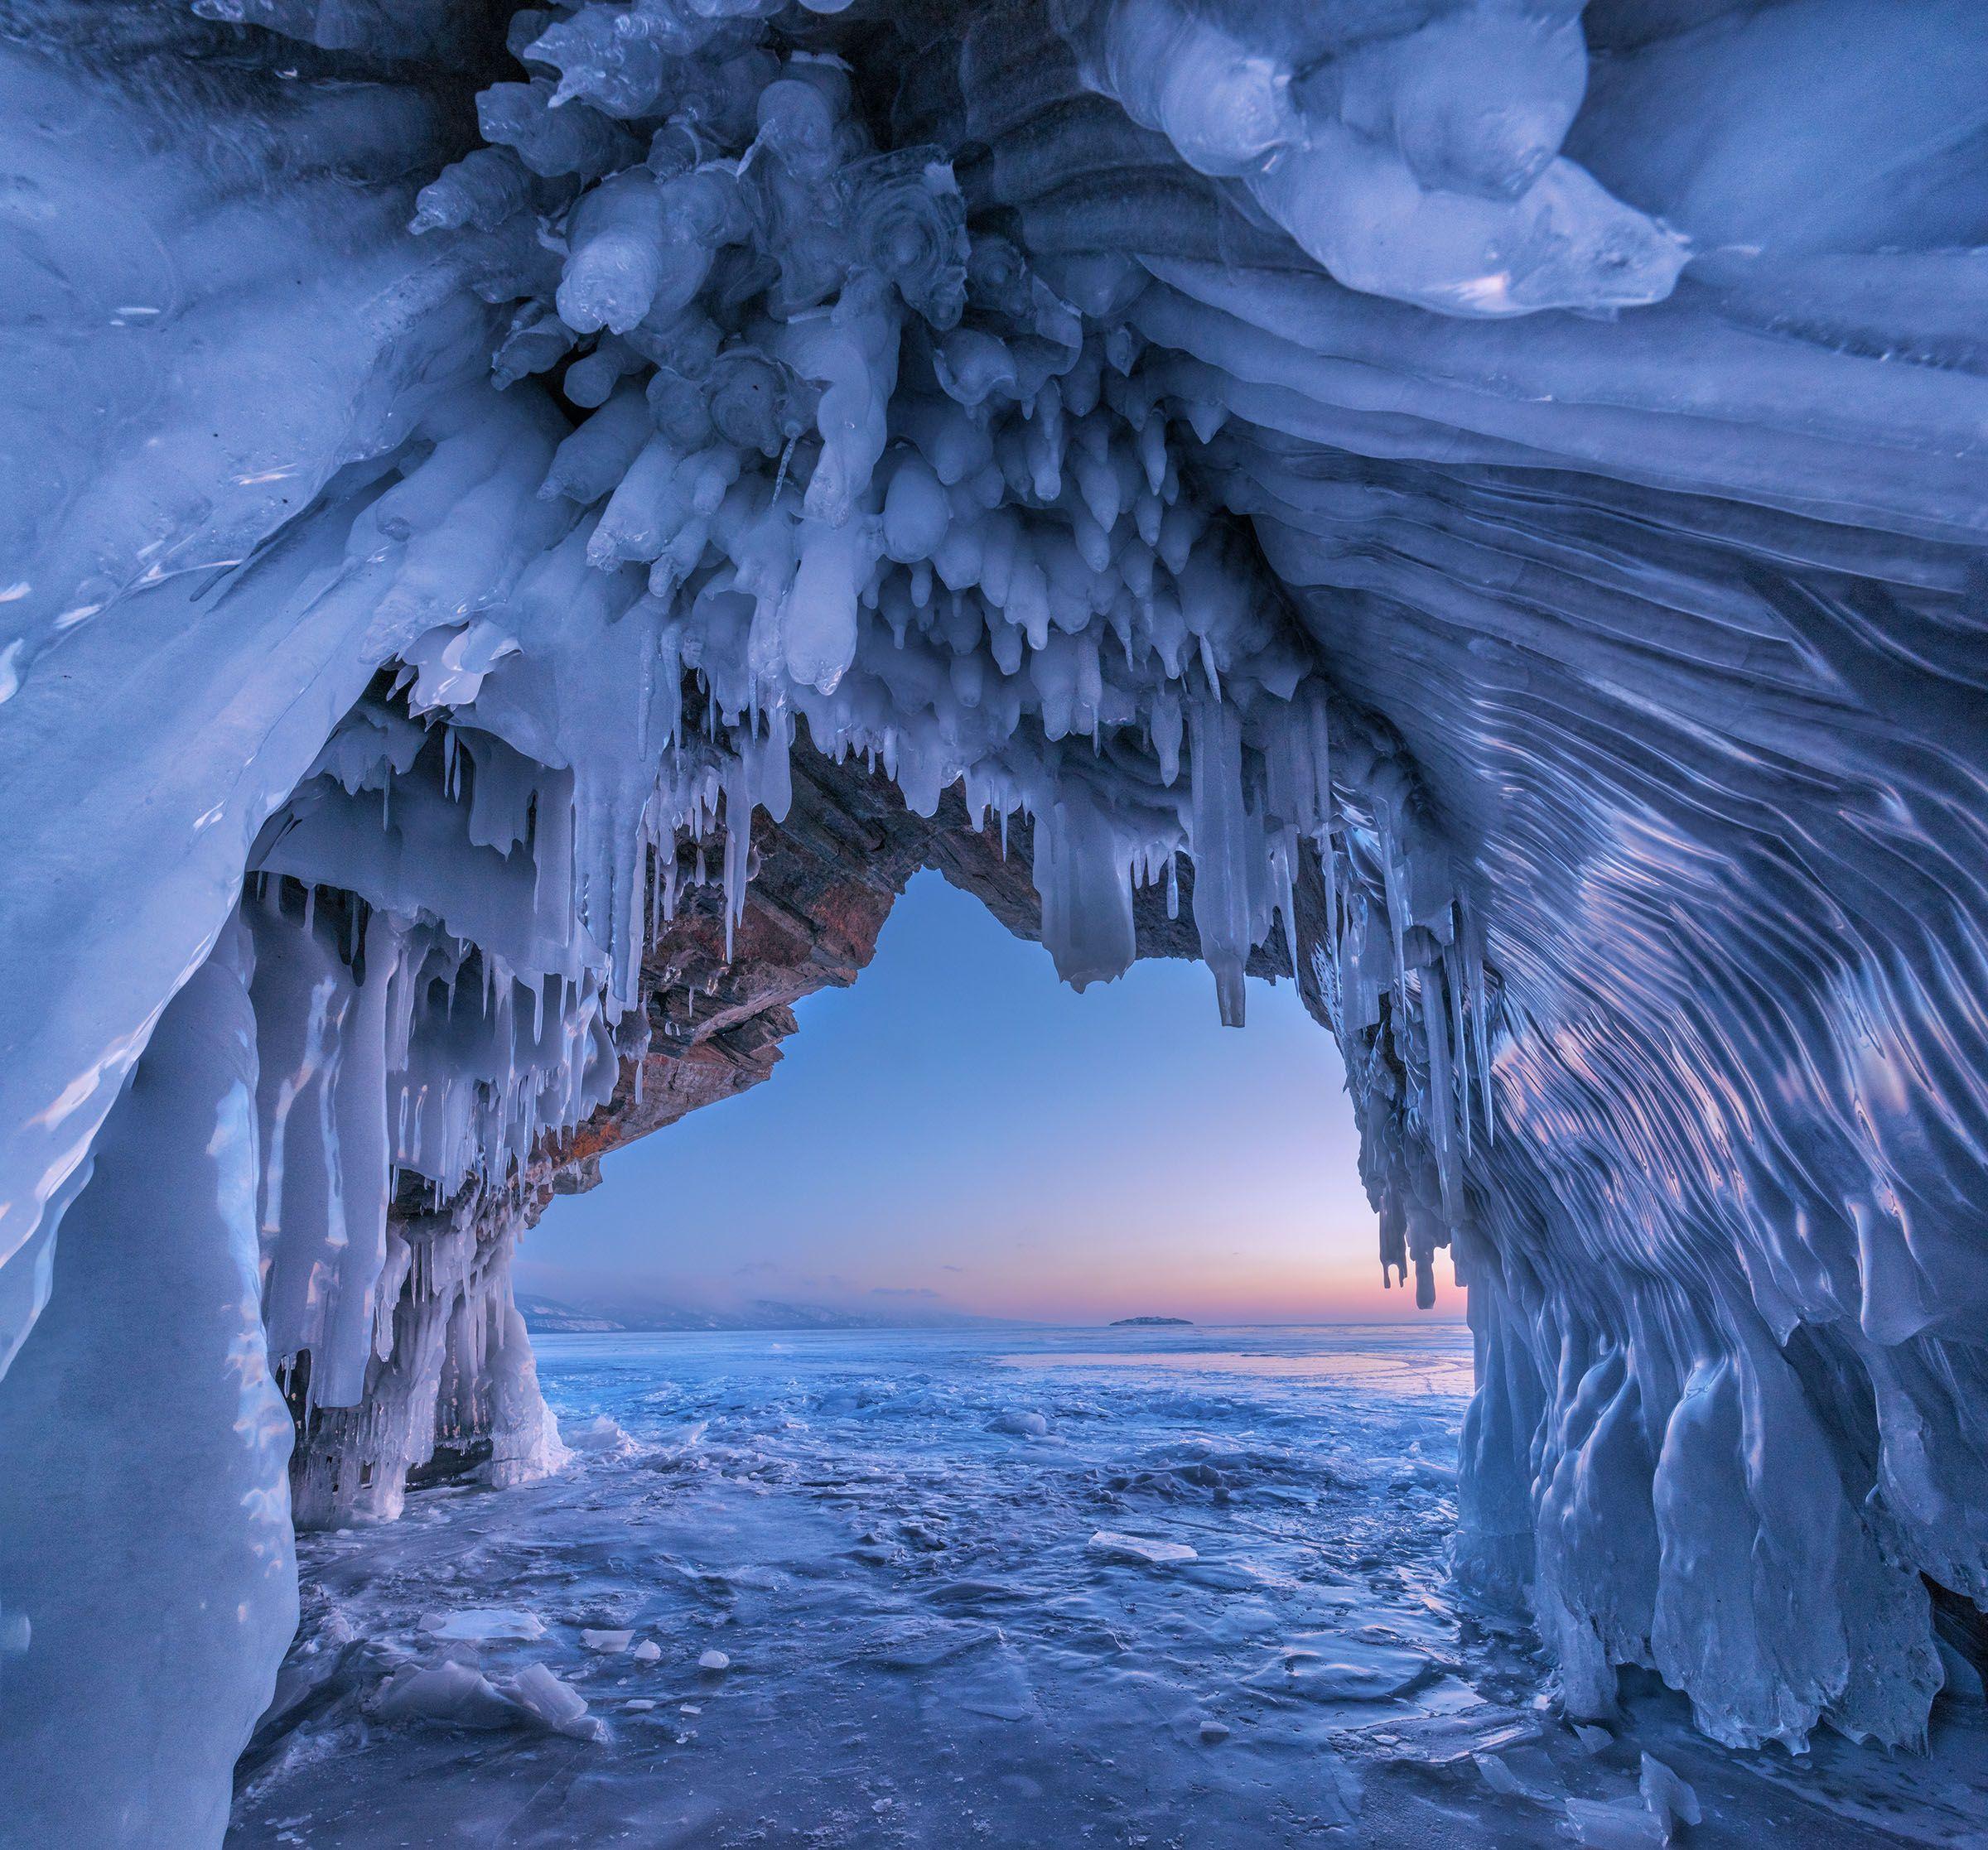 фототуры с владимиром рябковым, зимний байкал, пещеры байкала, лед байкала., Владимир Рябков